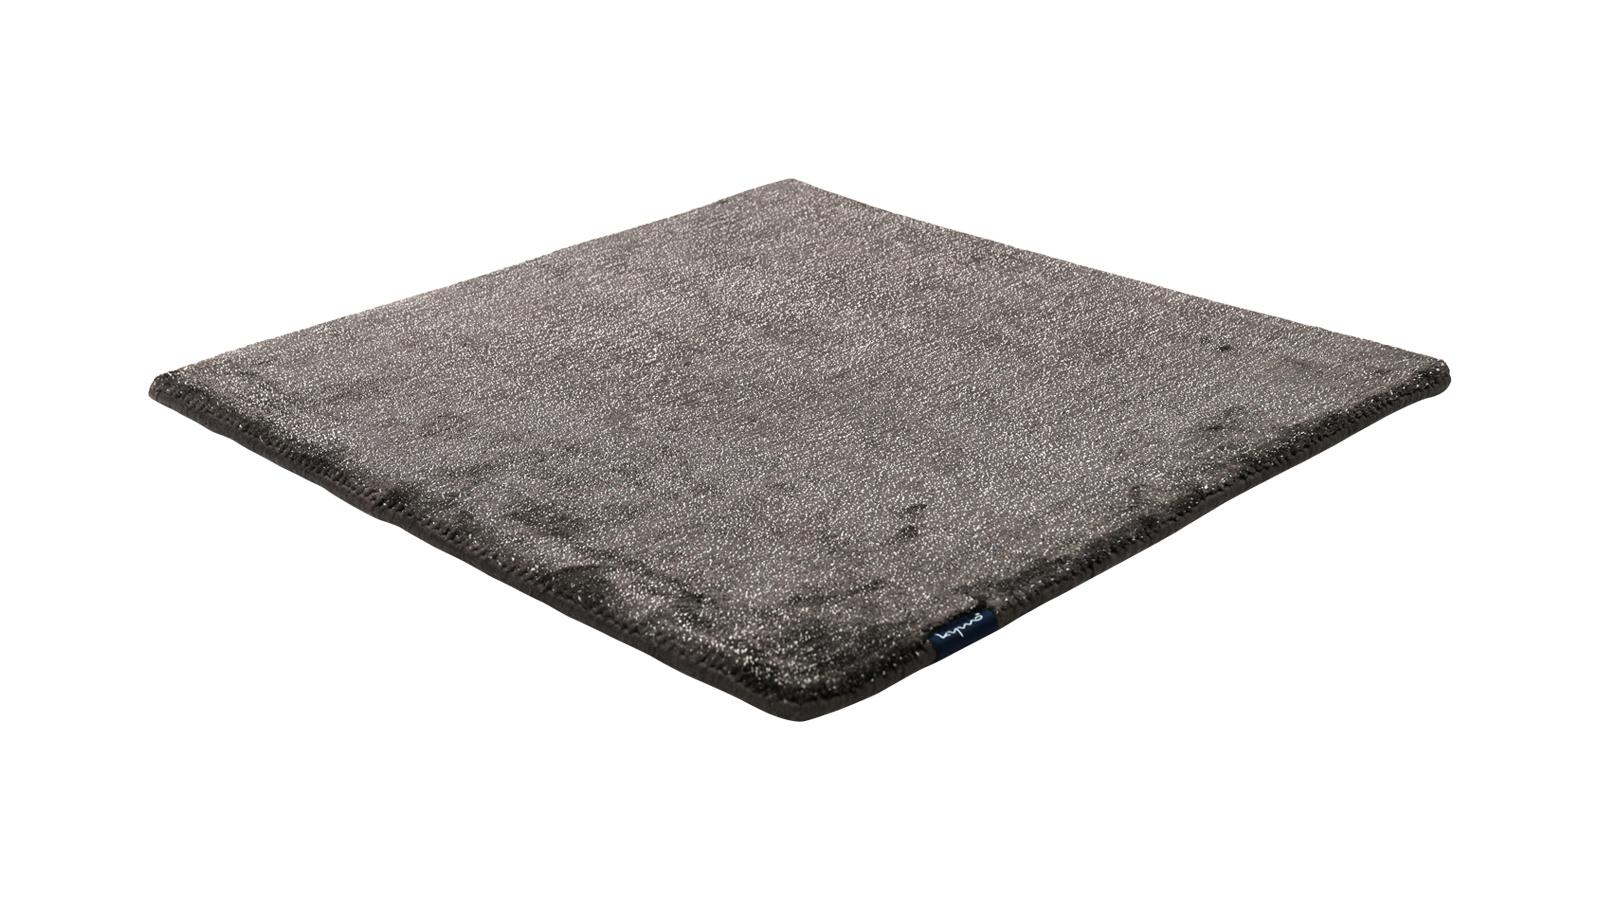 A német Kymo céget különleges ambíció hajtja: szeretnék, ha szőnyegeik nem egyszerű talpalávalók lennének, hanem az otthon padlójának ruhái. Ennek szellemében különleges odafigyeléssel és a divat iránti egyedi érzékenységgel alkotják meg termékeiket – így a The Loft Space 89 szőnyeget is, mely távolról semleges és egységes, közelről azonban részletgazdag és különleges.